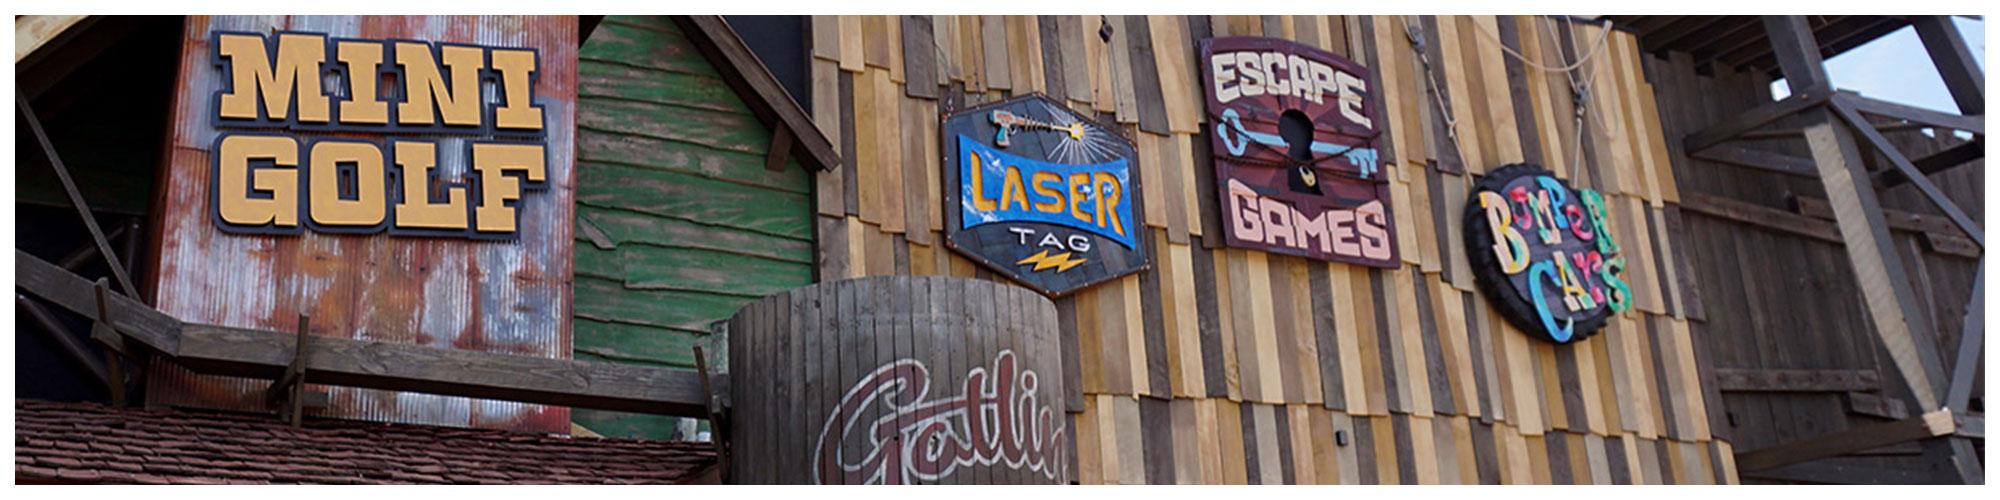 Gatlin's Laser Tag (Header Background) | Gatlinburg Attractions